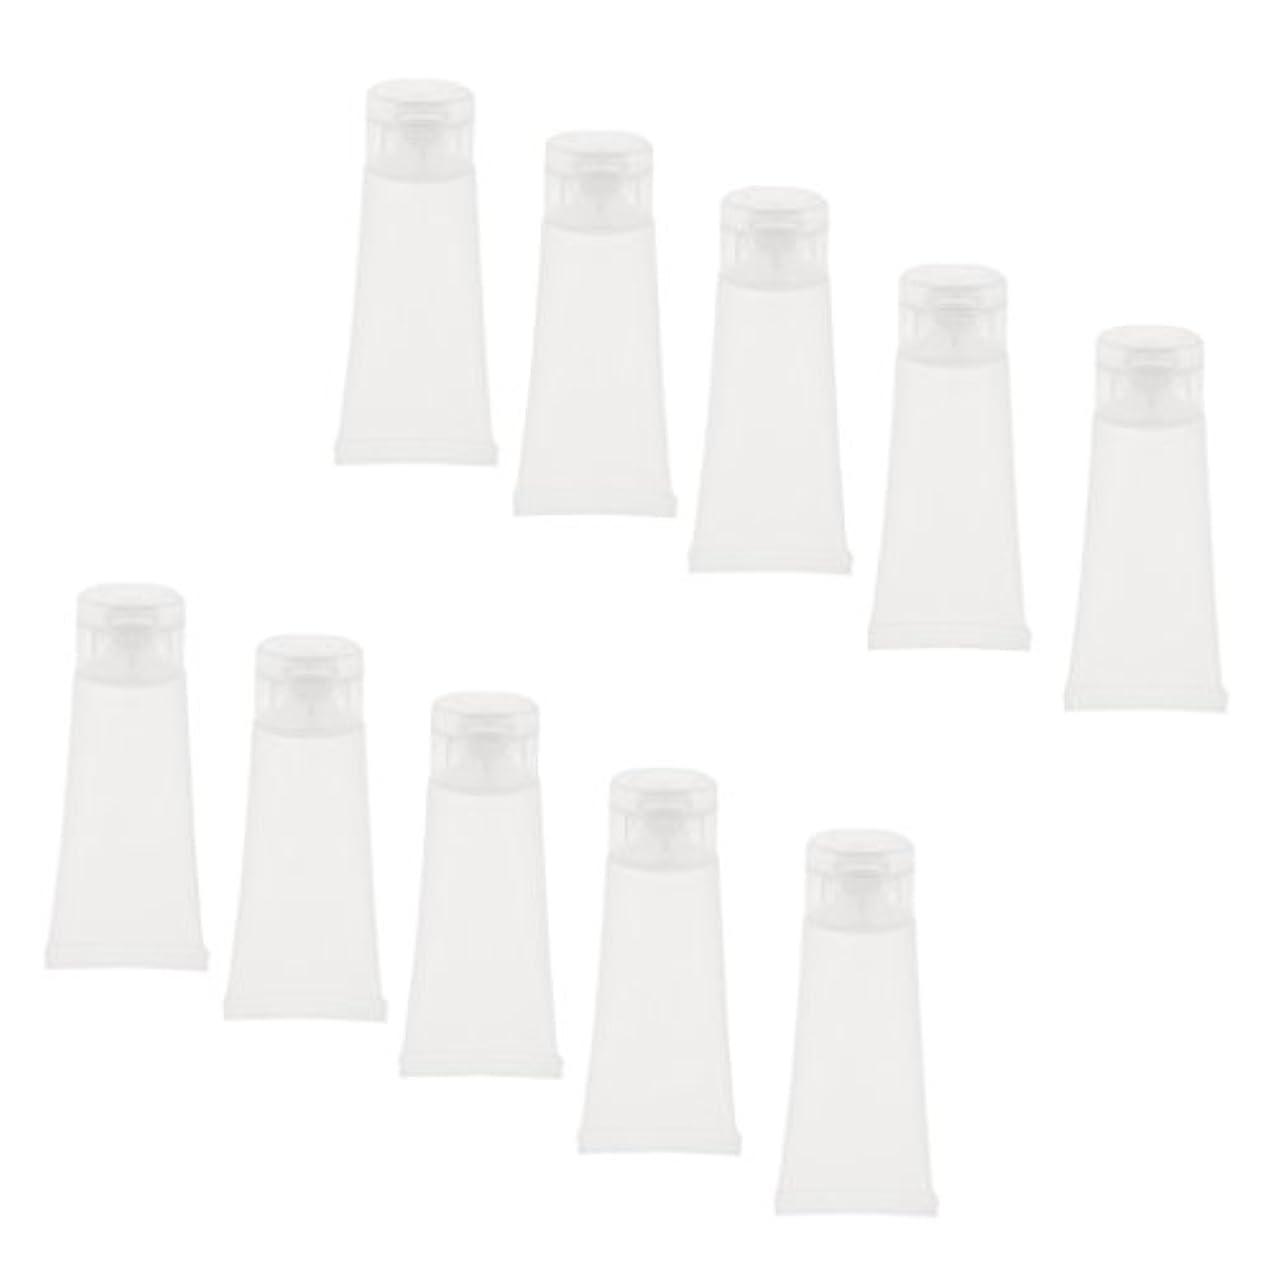 仮定超越する欲望10個 空チューブ クリームチューブ 透明 プラスチック製 コスメ 詰替え メイクアップ ローション コンテナ 収納ボトル 2サイズ選べる - 15g